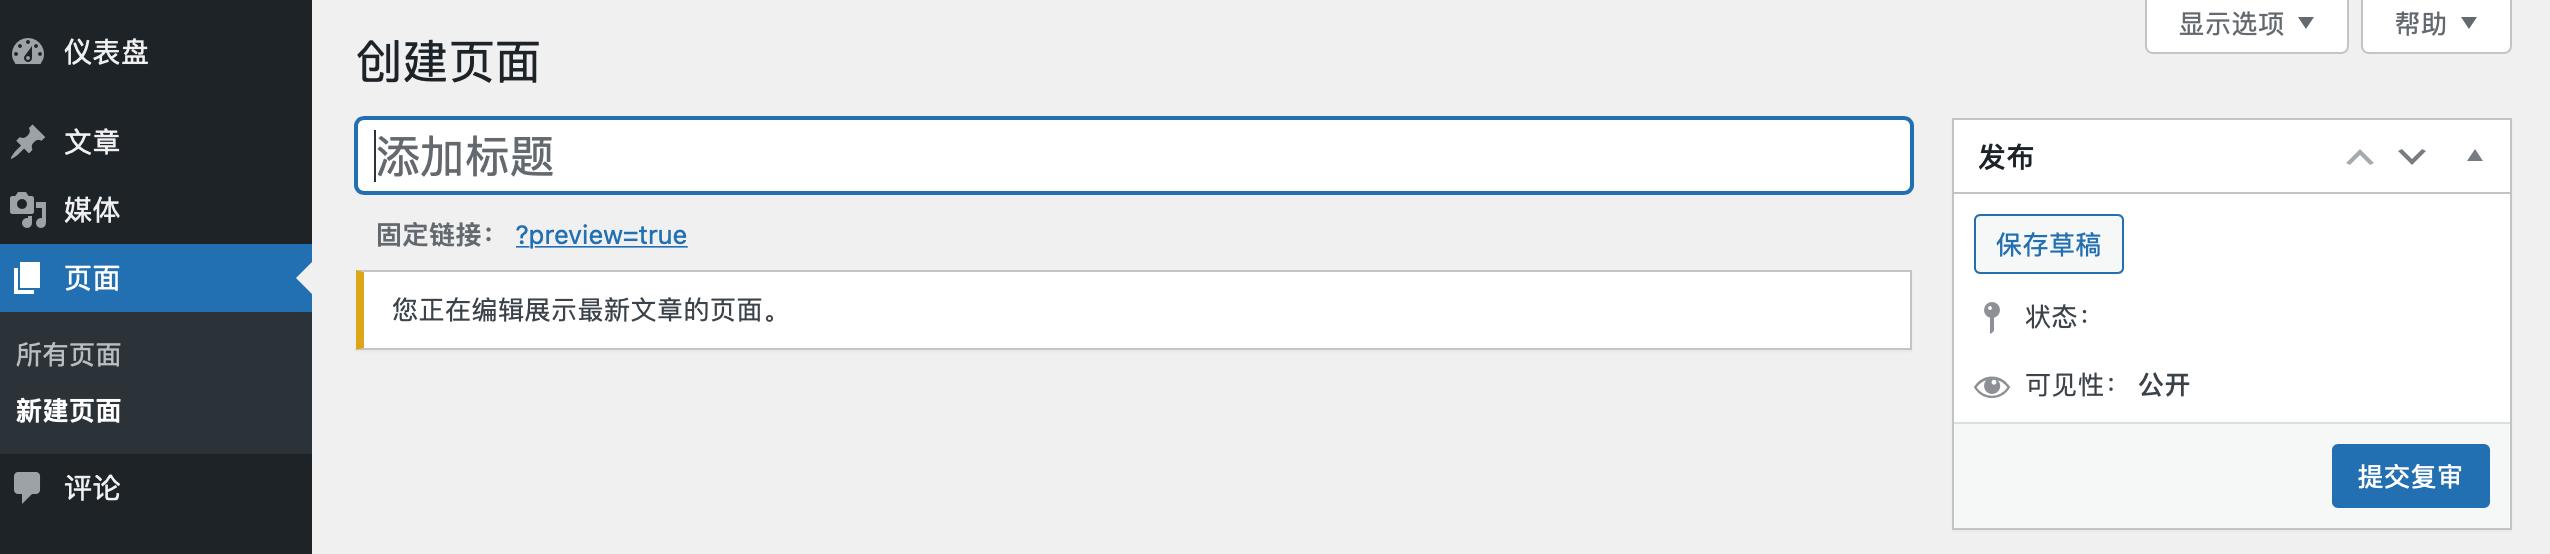 图2 新建页面时的问题截图